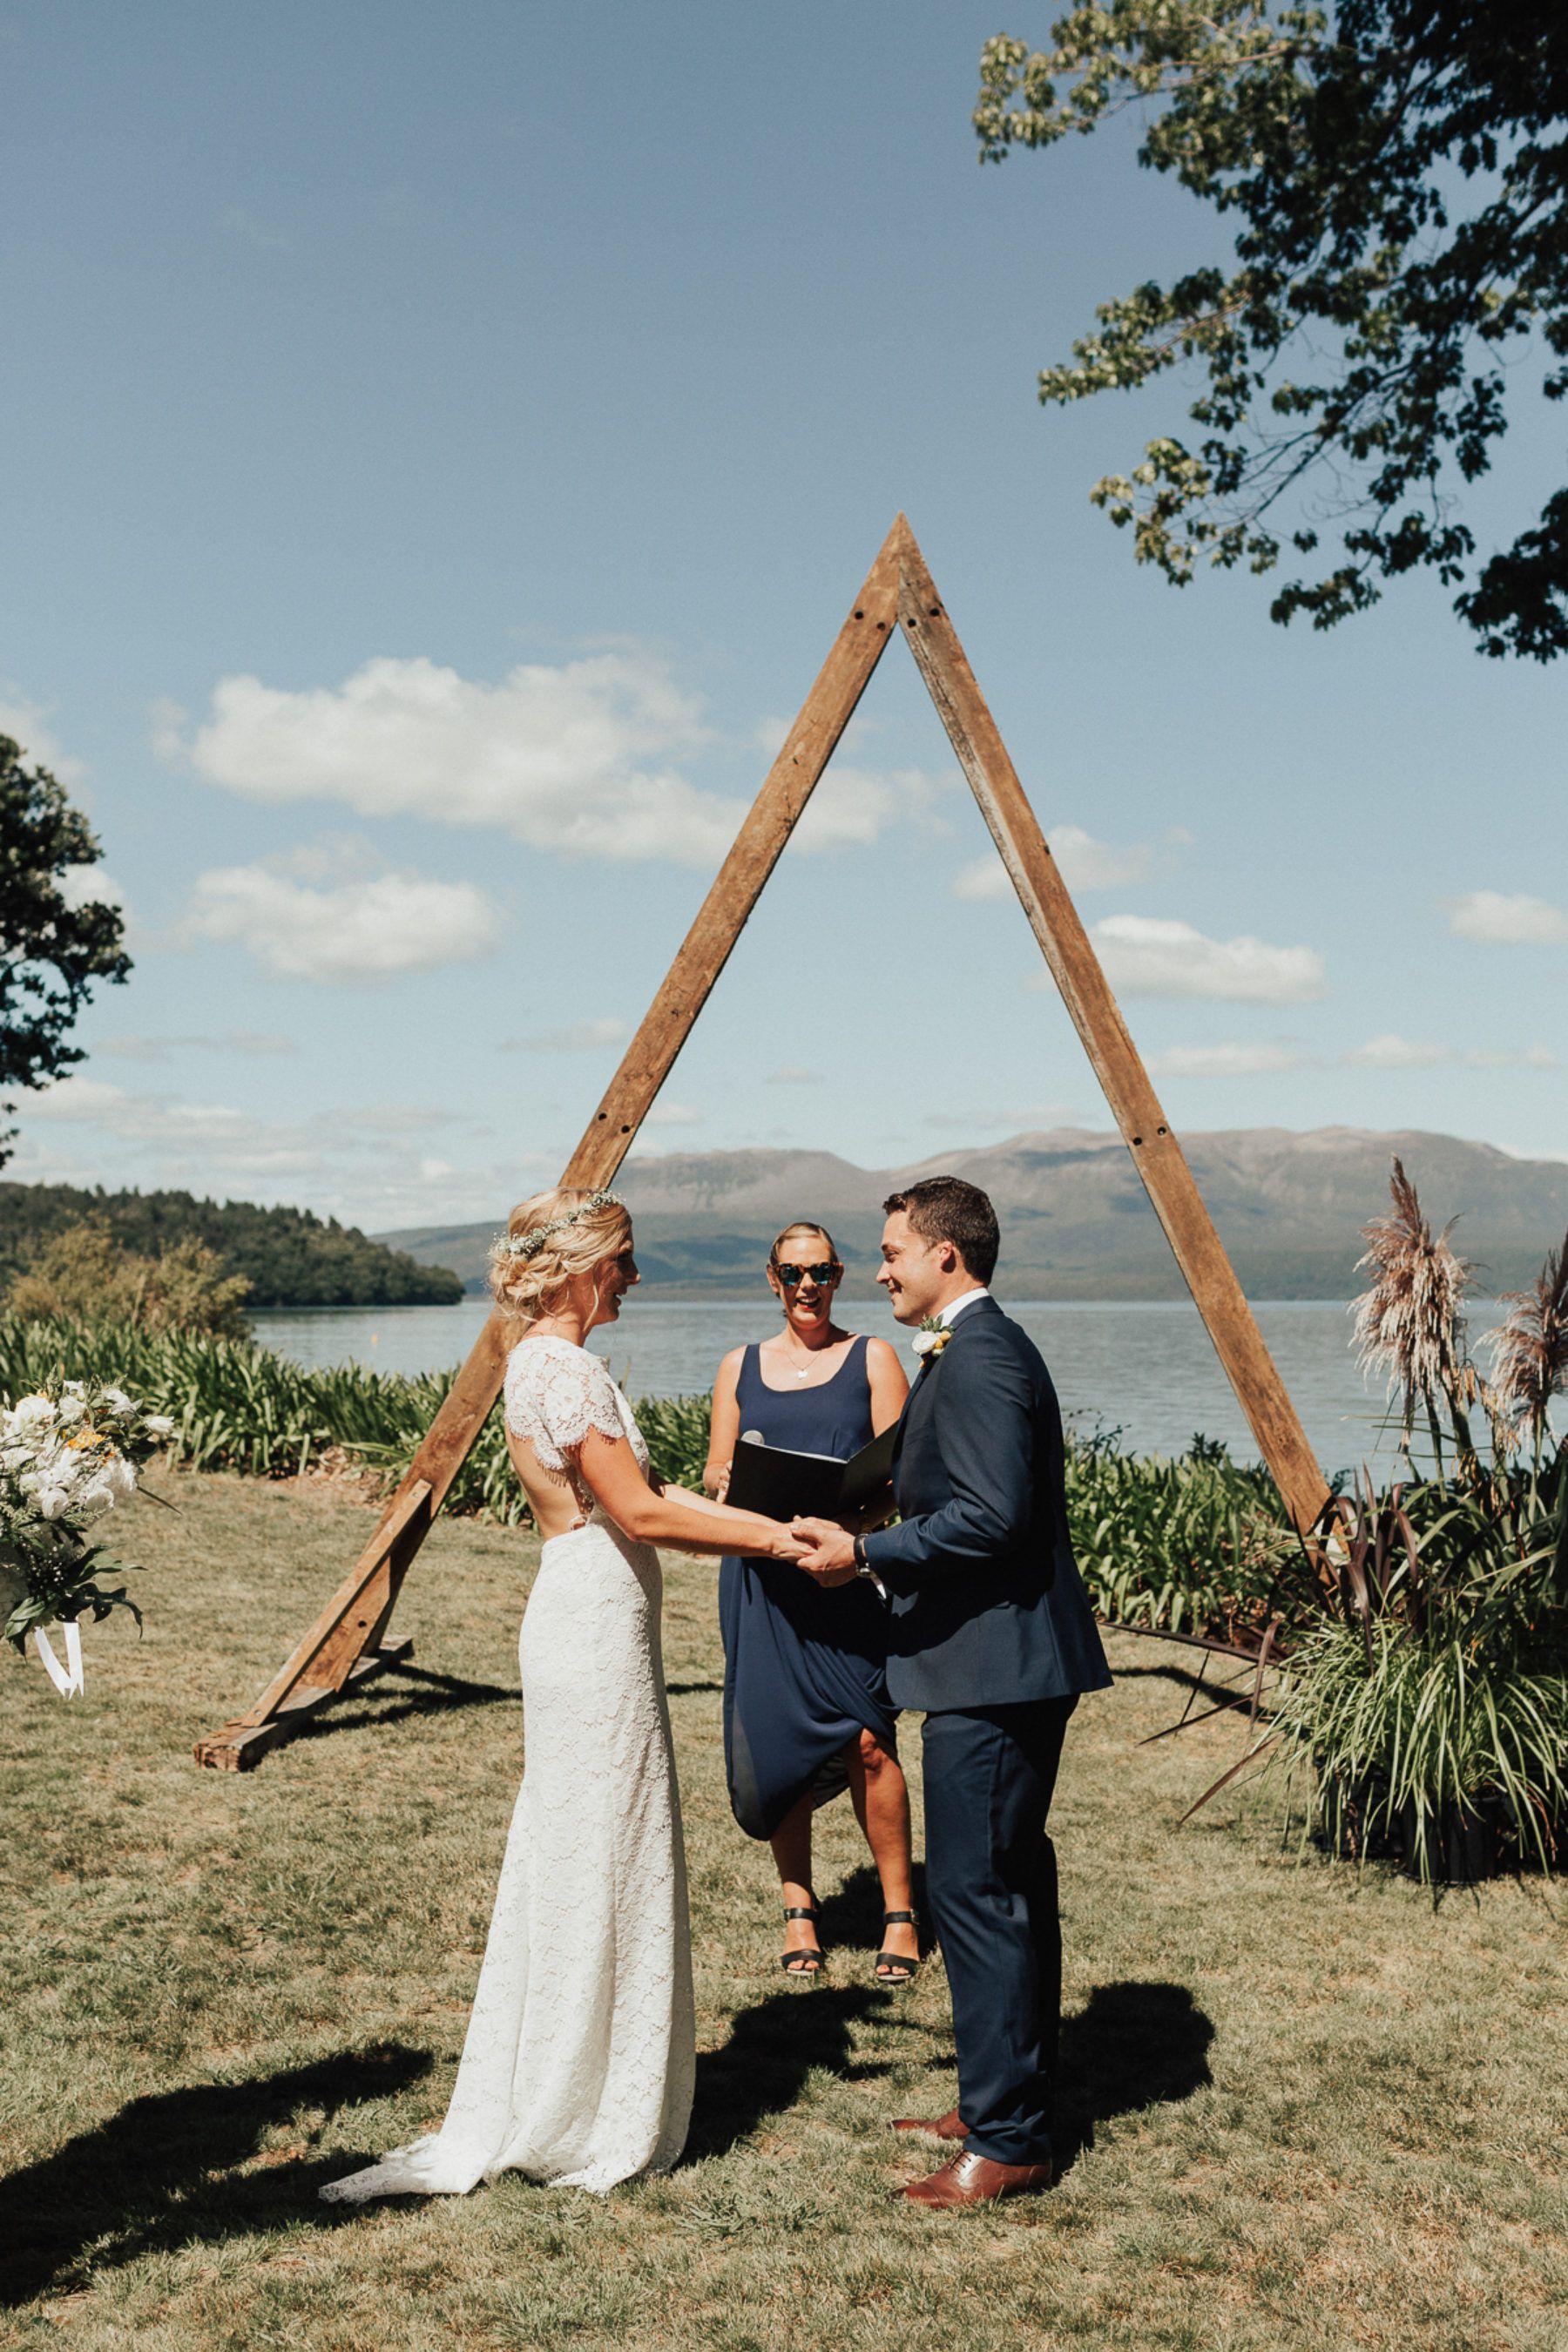 Sophie & Ben's Tipi Wedding at Lake Tarawera Tipi